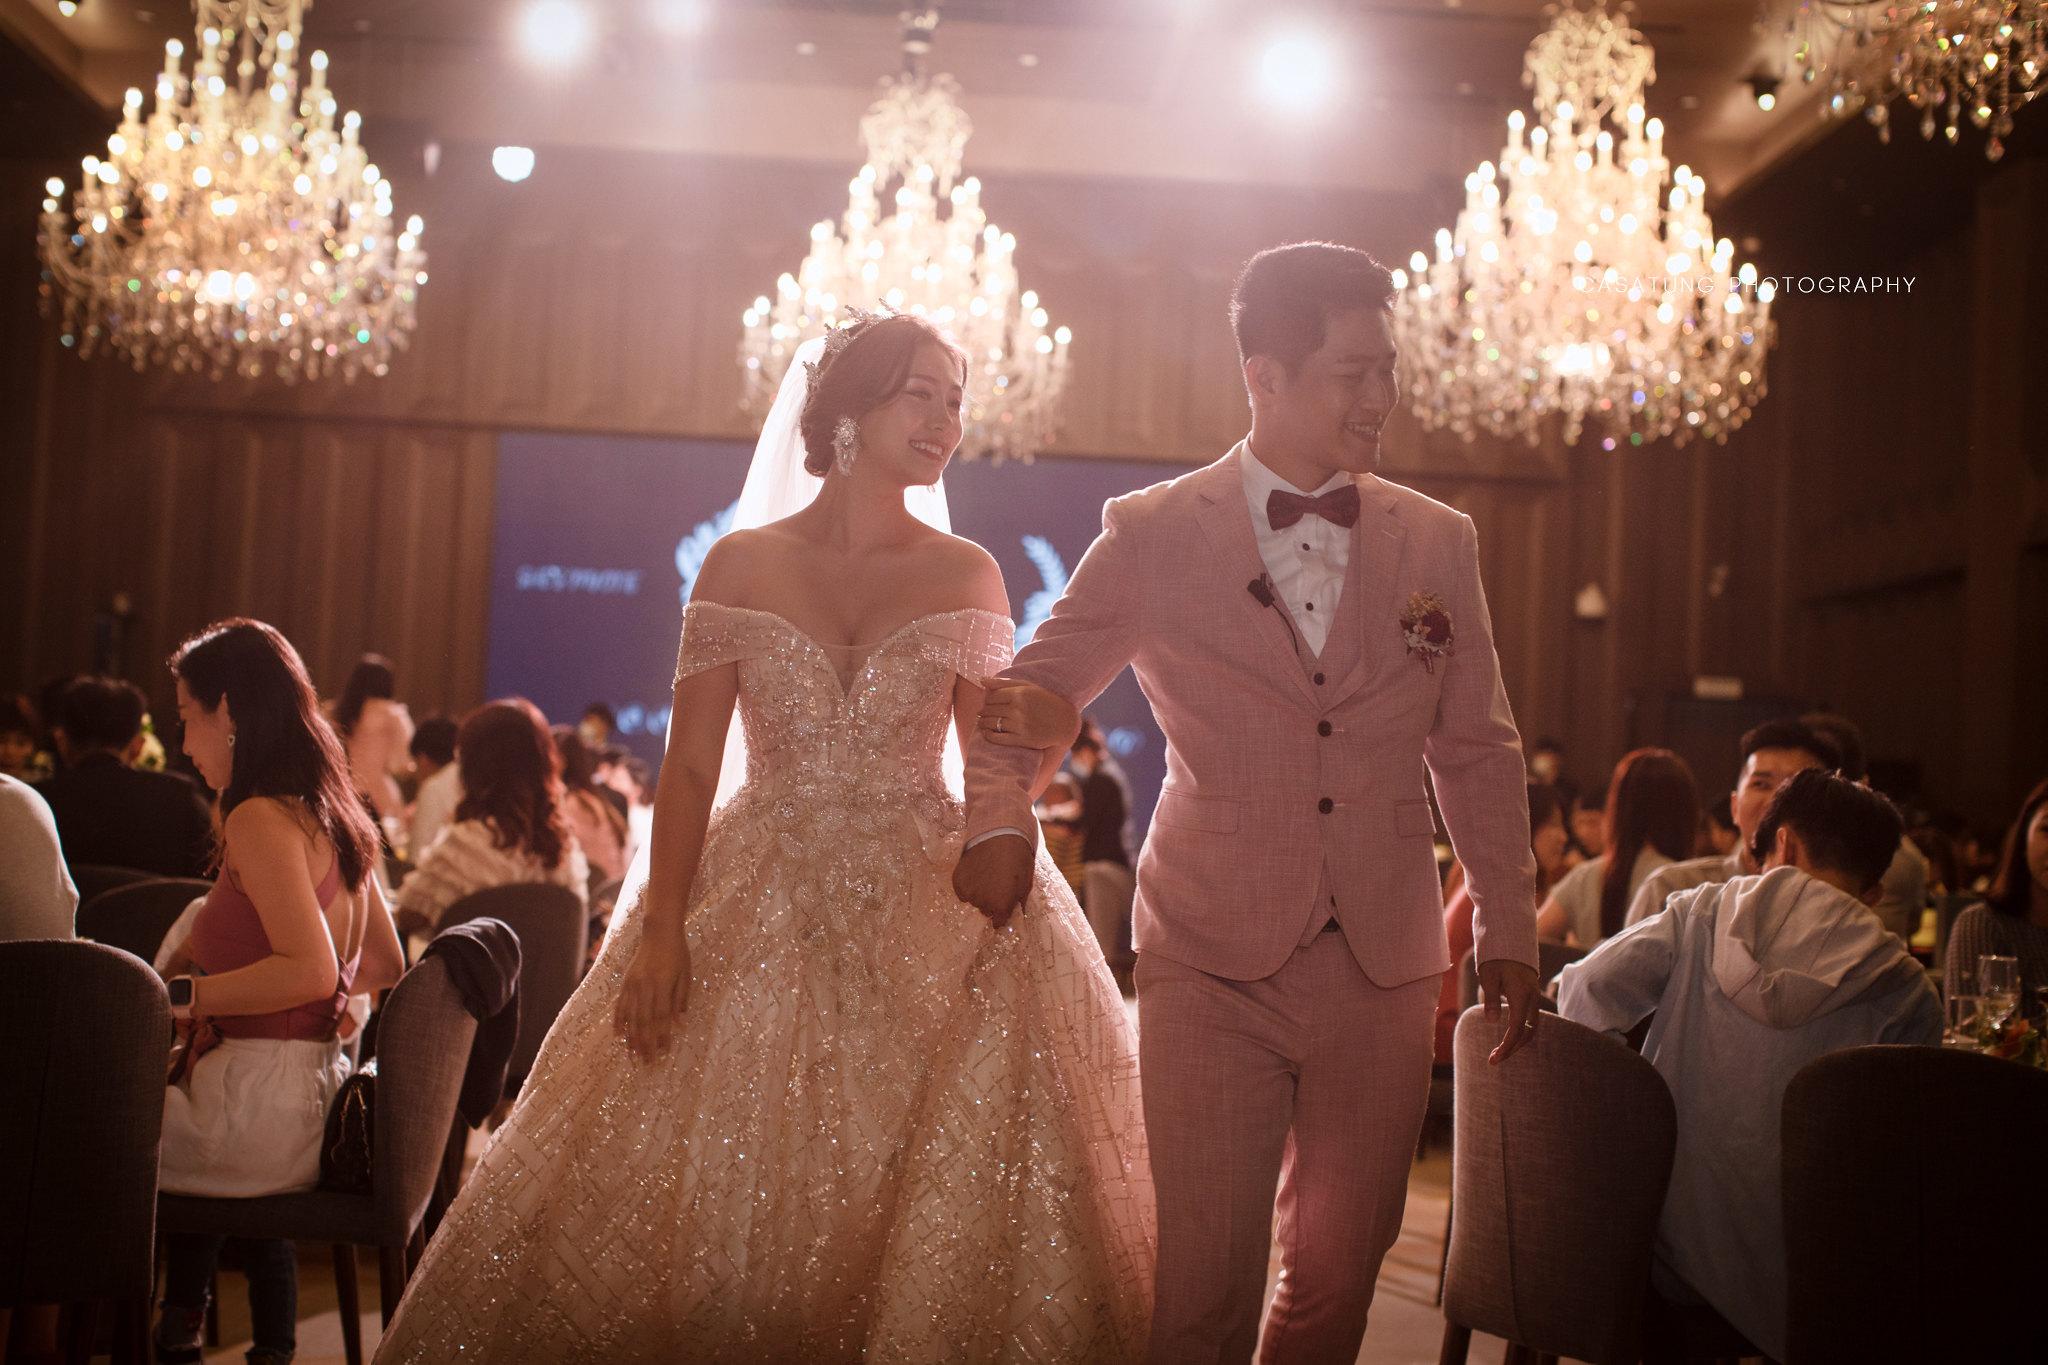 戶外婚禮, 手工婚紗, 台中婚攝, 自助婚紗, 婚紗工作室, 婚紗推薦旋轉木馬, 婚攝推廷, 婚攝CASA, 推薦婚攝, 旋轉木馬婚紗, 萊特維庭婚禮, 禮服出租, lightweeding,萊特薇庭婚攝-124